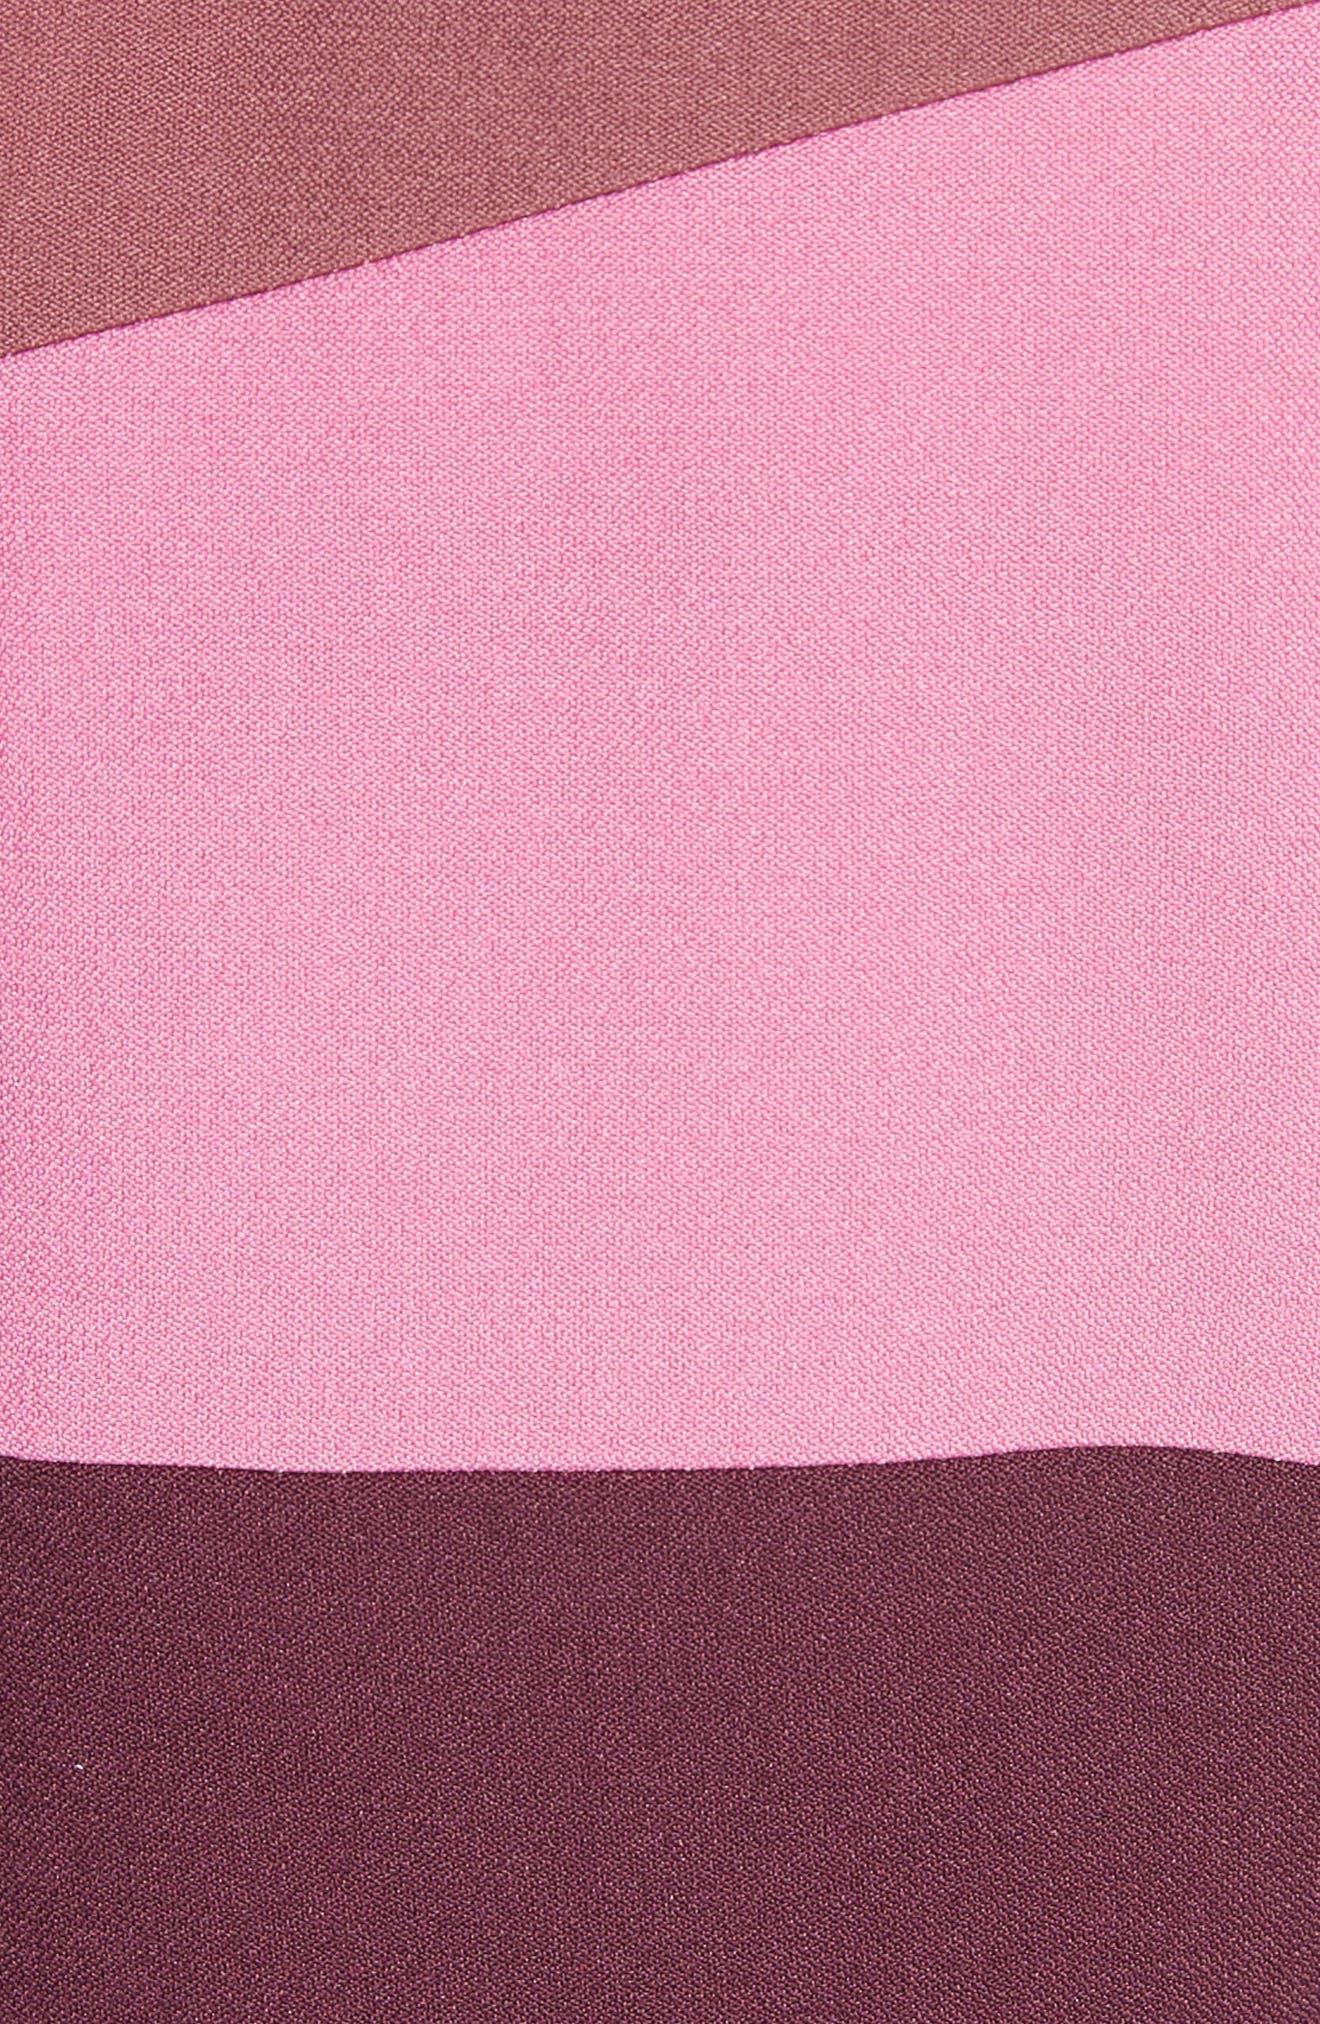 Tatum Stripe Paneled Fit & Flare Dress,                             Alternate thumbnail 6, color,                             500